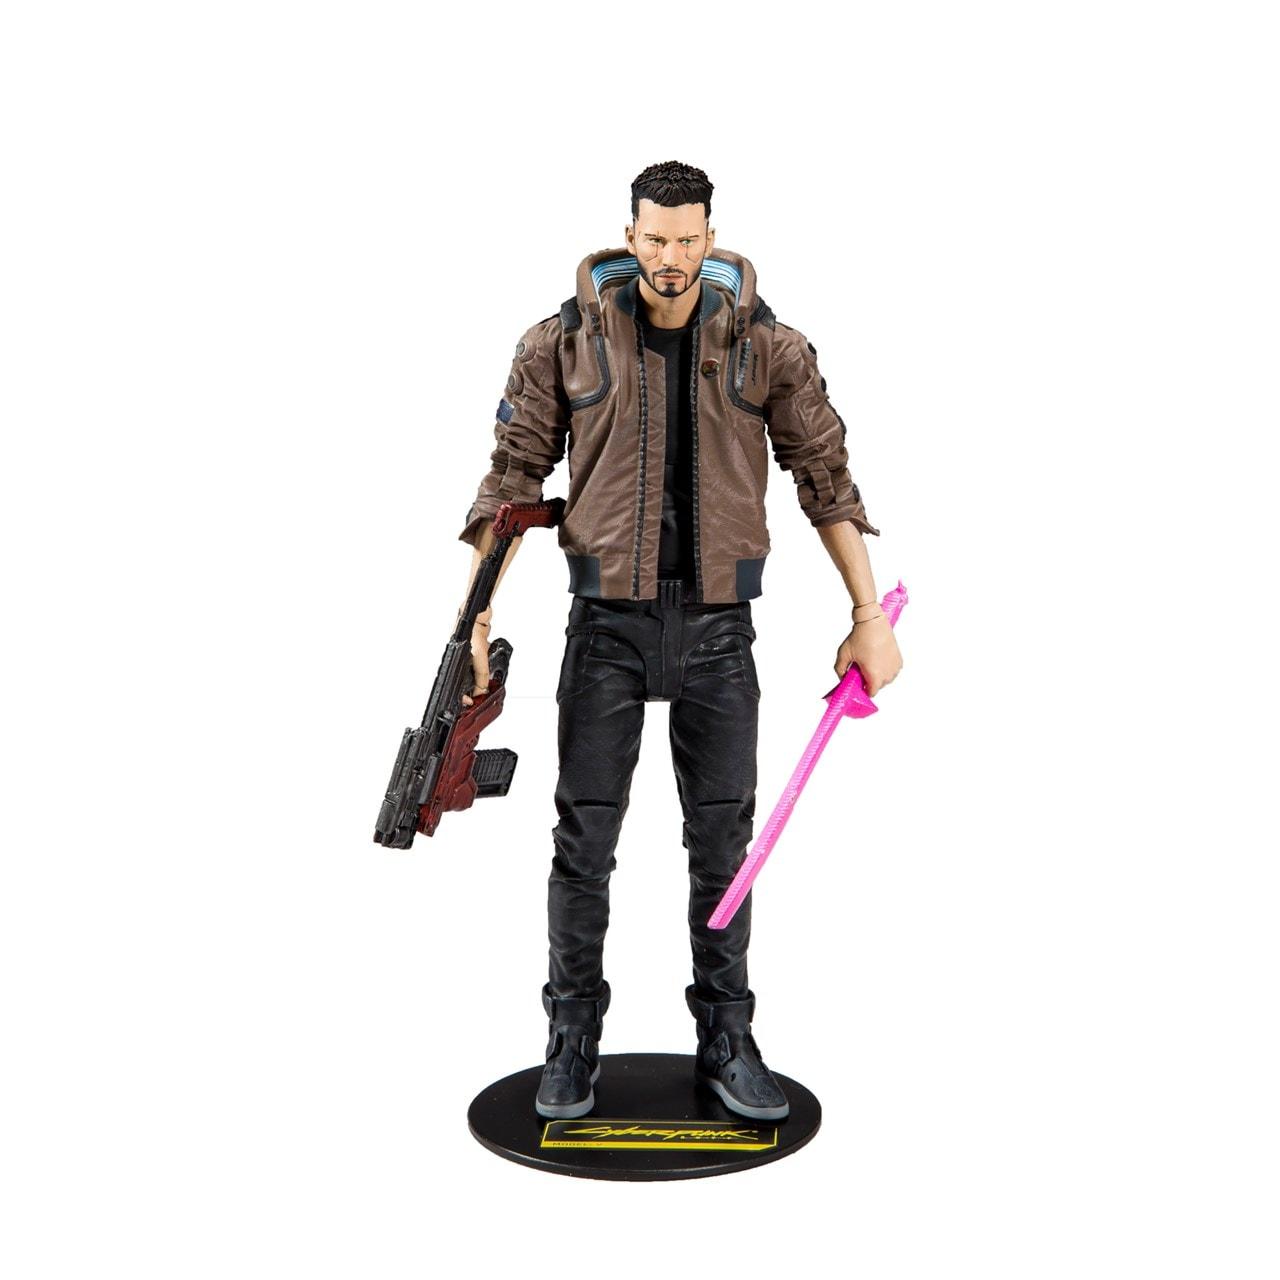 Cyberpunk 2077: V Male Figurine - 2